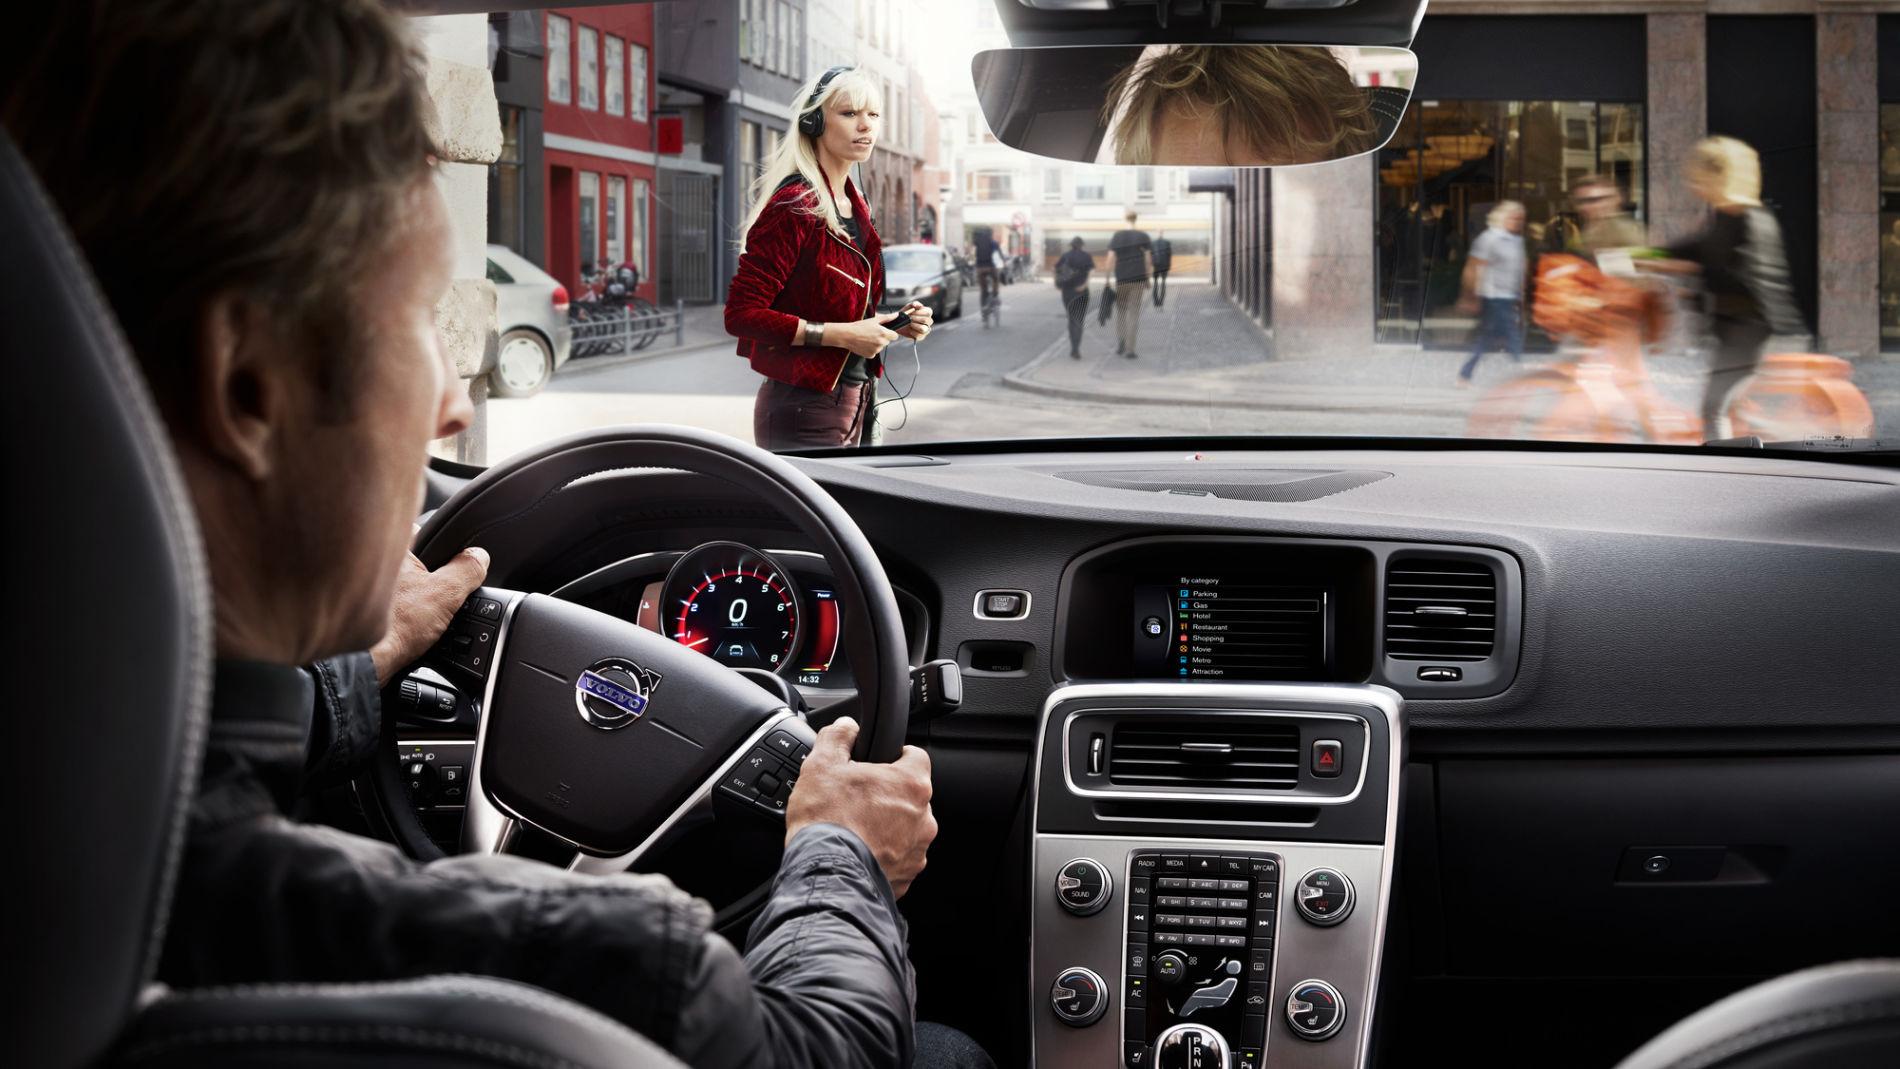 Додаткова персональна гарантія* на запчастини Volvo. На період володіння авто.